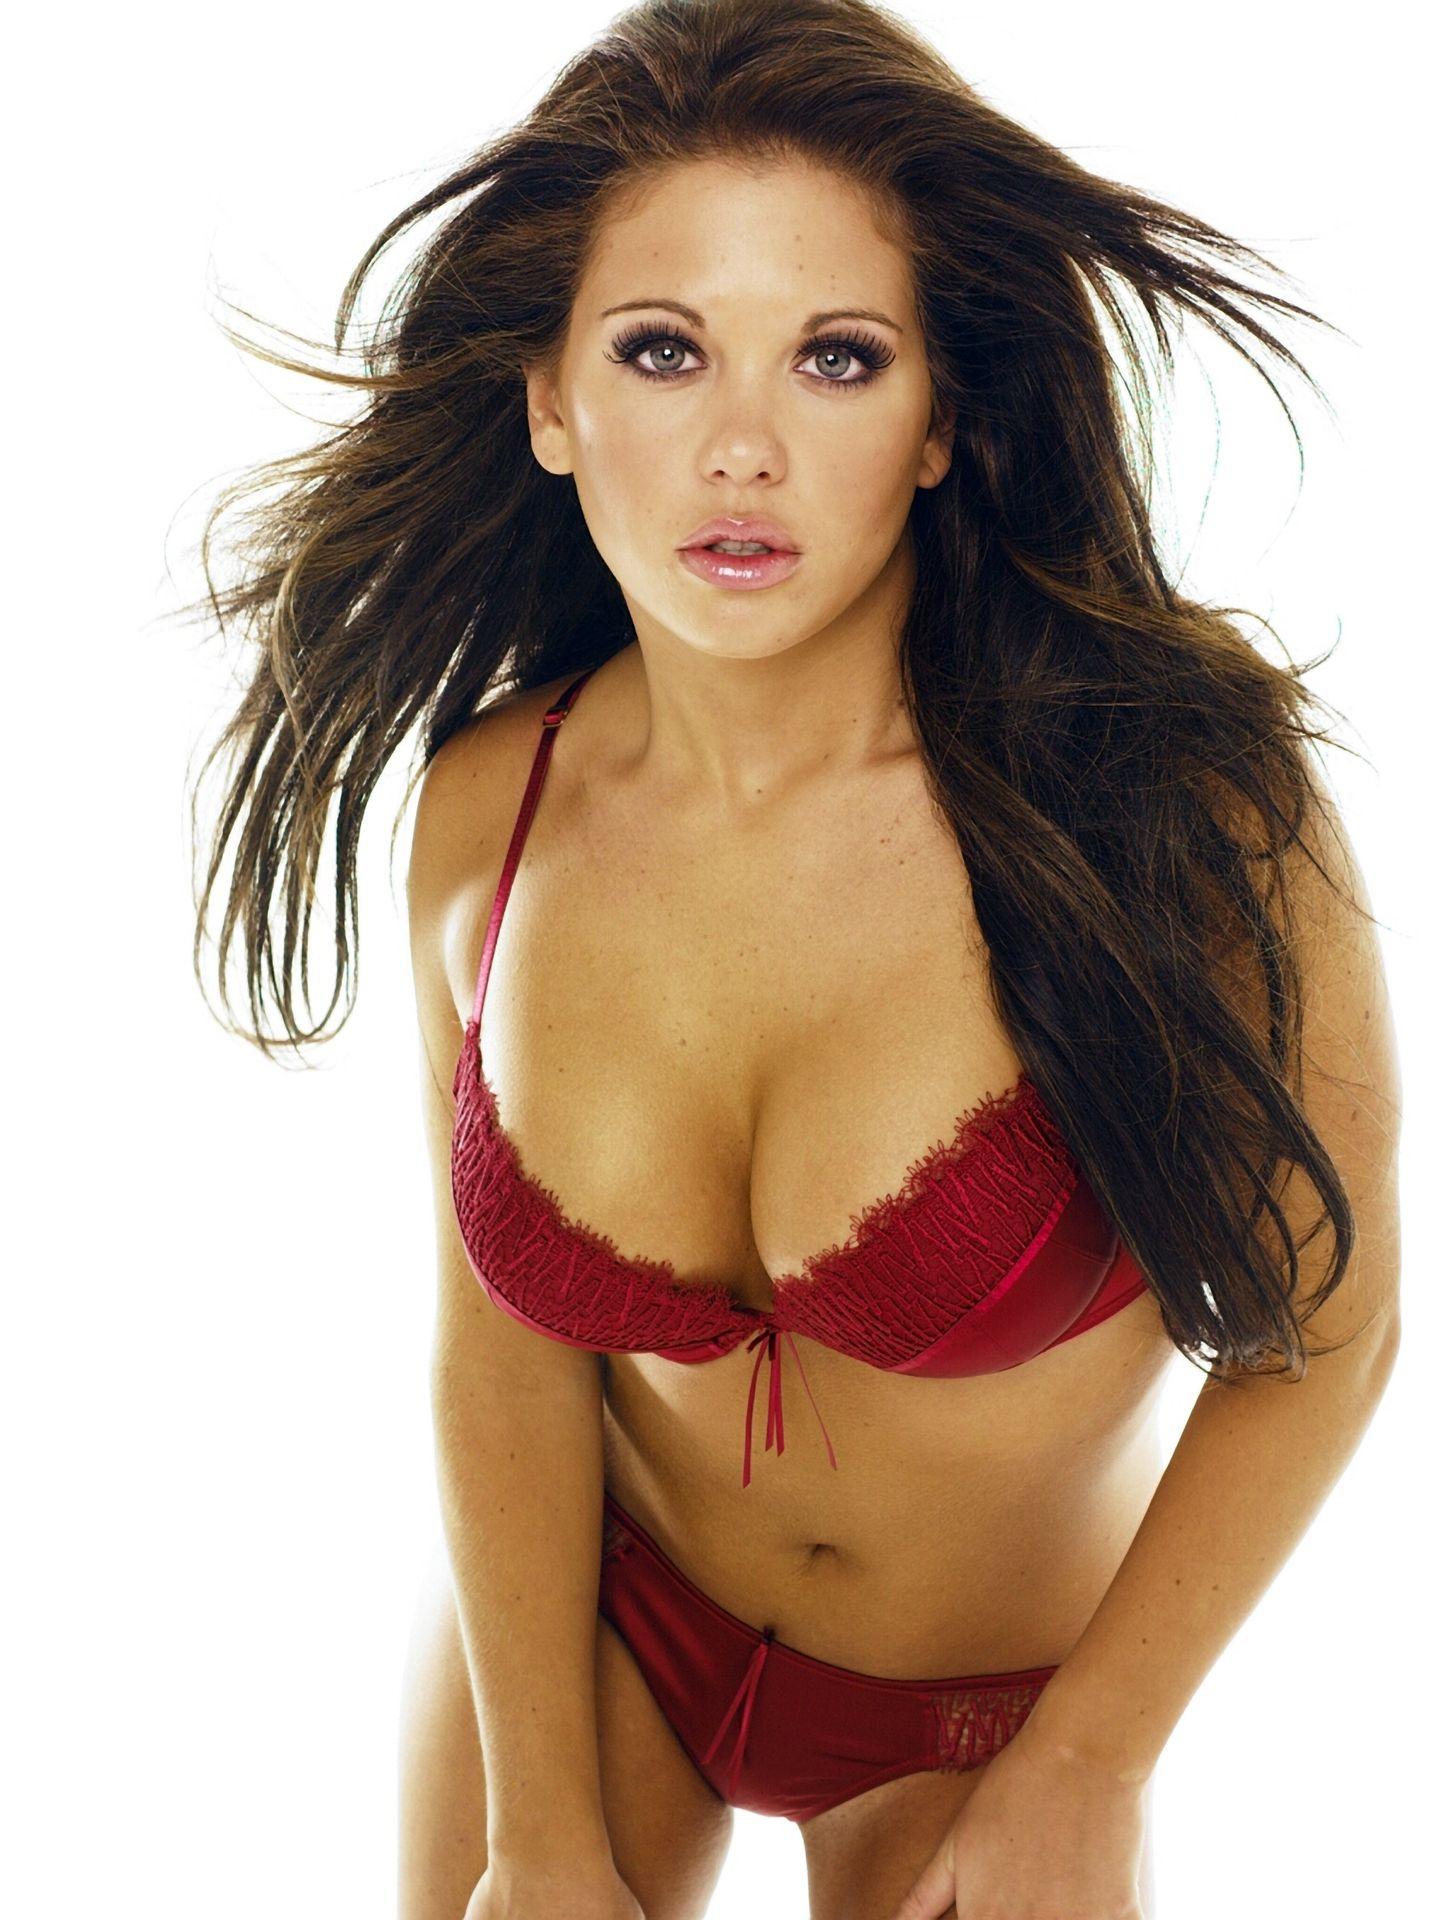 bianca-gascoigne-nude-sexy-89-thefappeningblog.com_.jpg